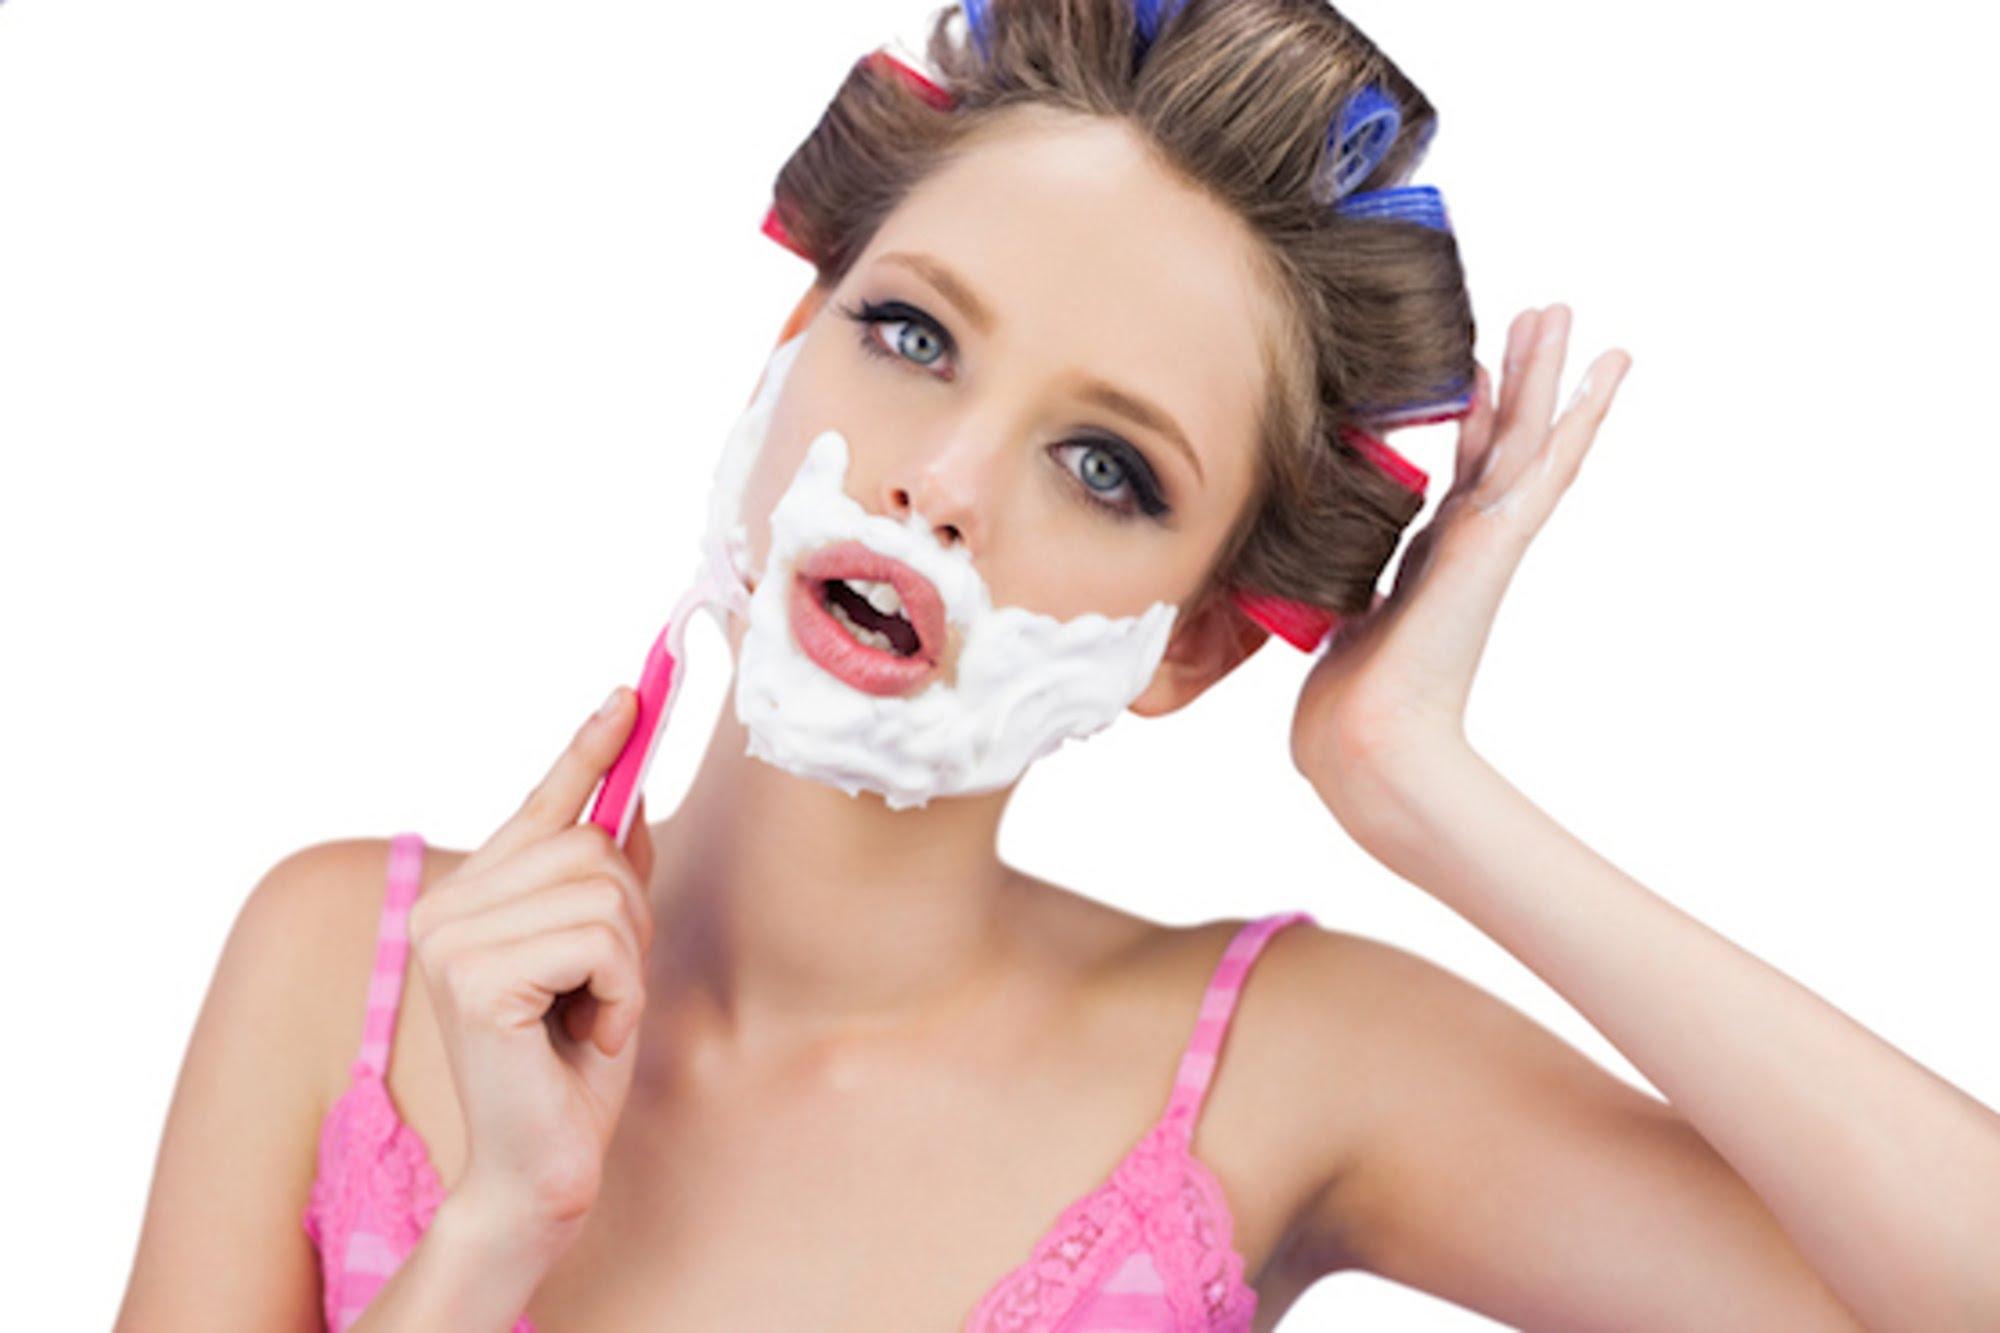 Crème anti repousse poil Vaniqa, une solution efficace contre l'hirsutisme